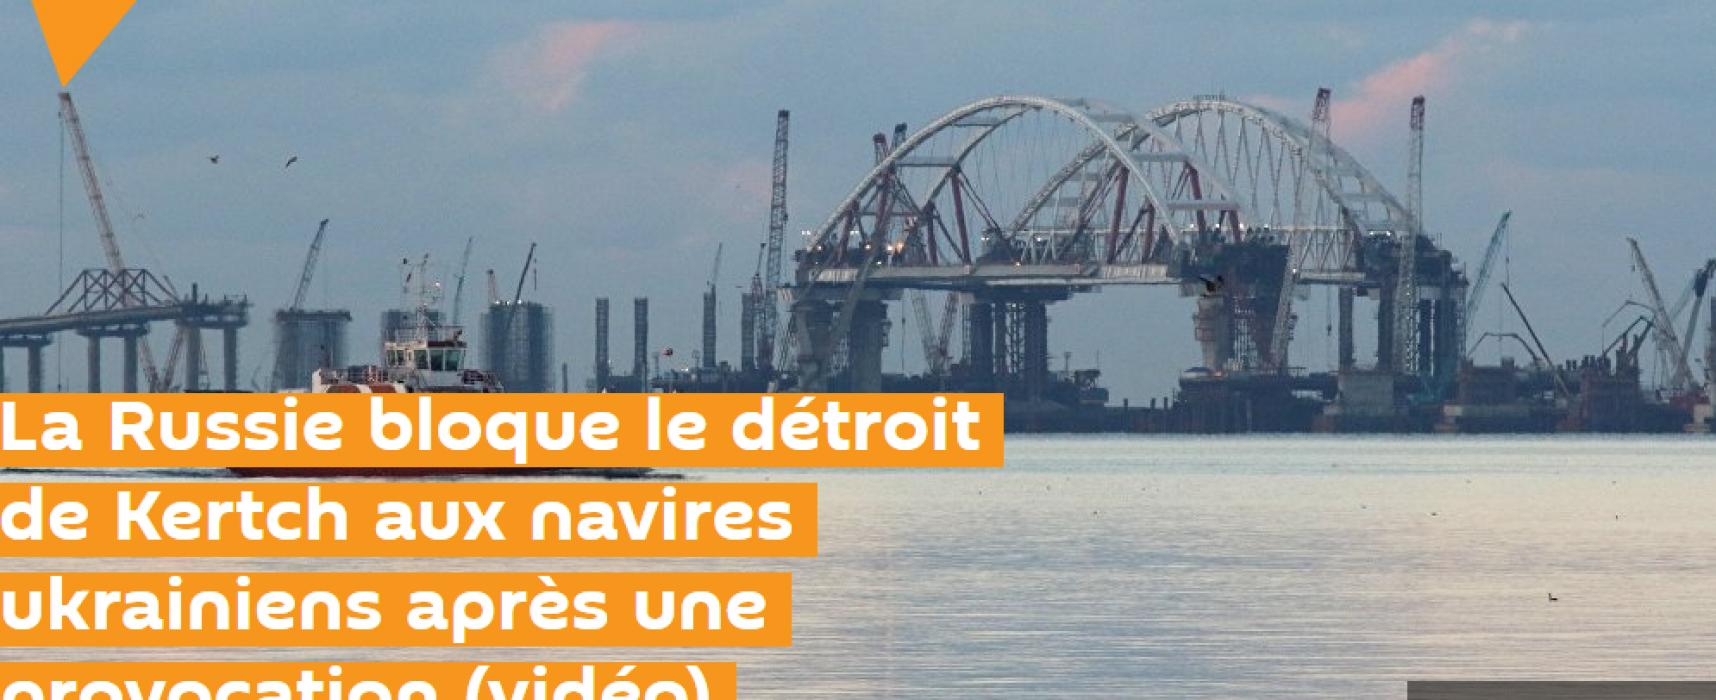 Fake: «Des navires ukrainiens ont violé l'espace maritime russe»